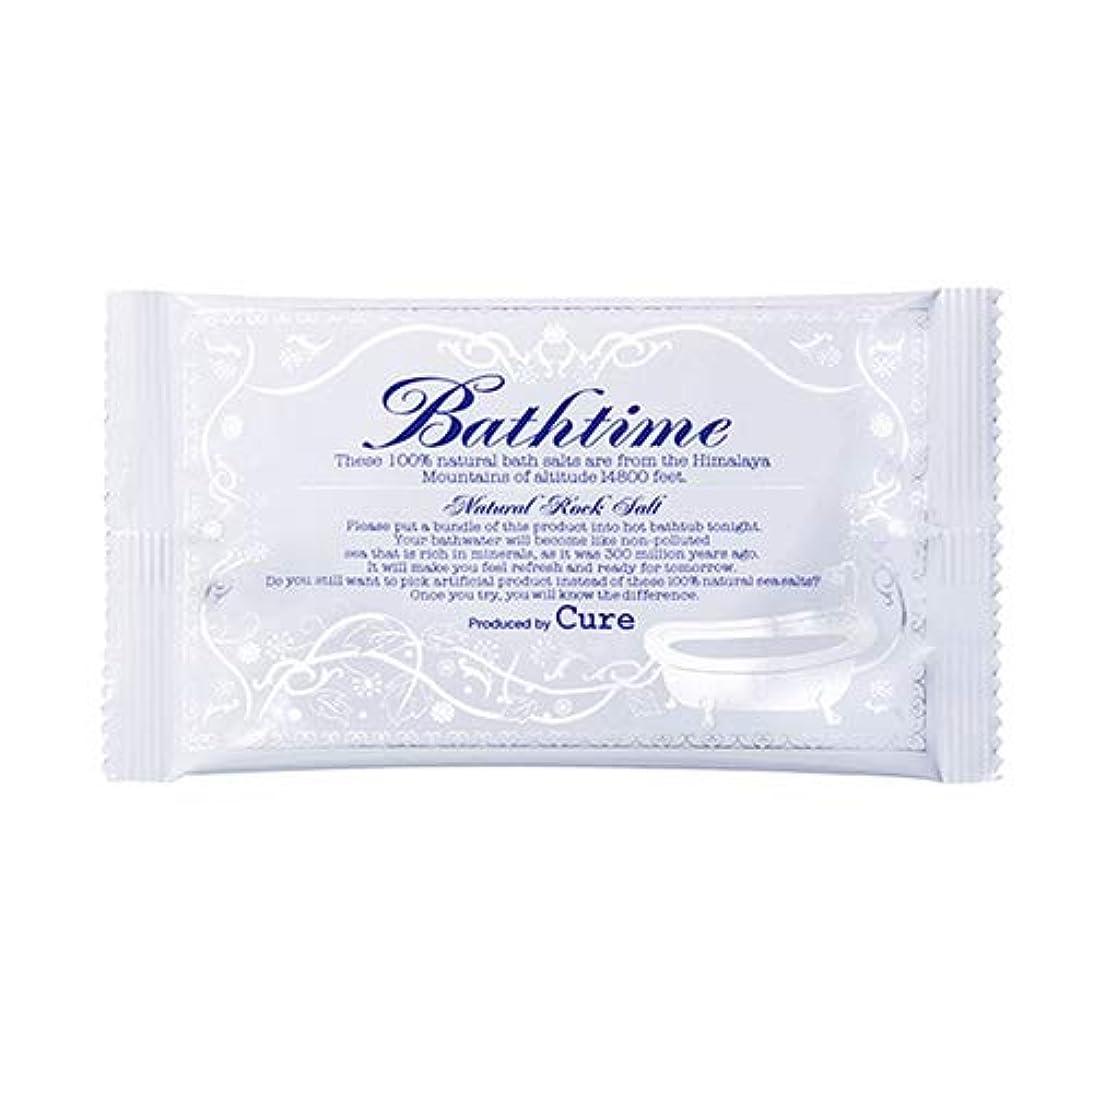 出来事間に合わせ先生バスタイム (20g) Cure 温浴系バスソルト 入浴剤